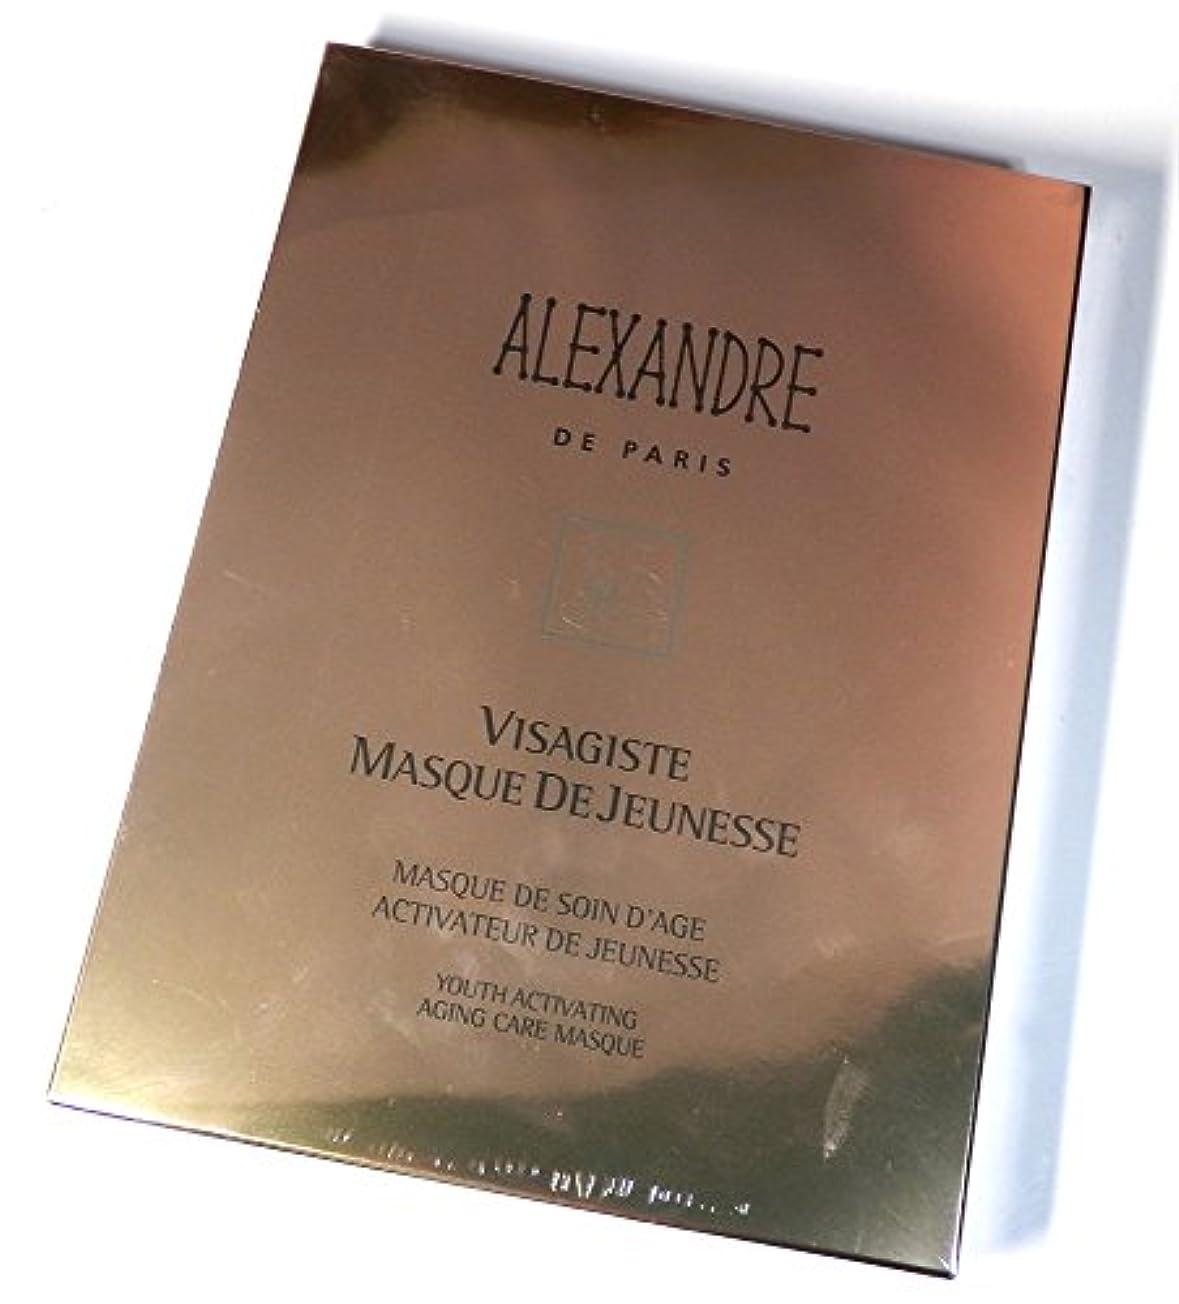 手綱入る正確にアレクサンドルドゥパリ ヴィザジスト マスクドゥジュネス(シート状トリートメントマスク)16mL×6枚 新品